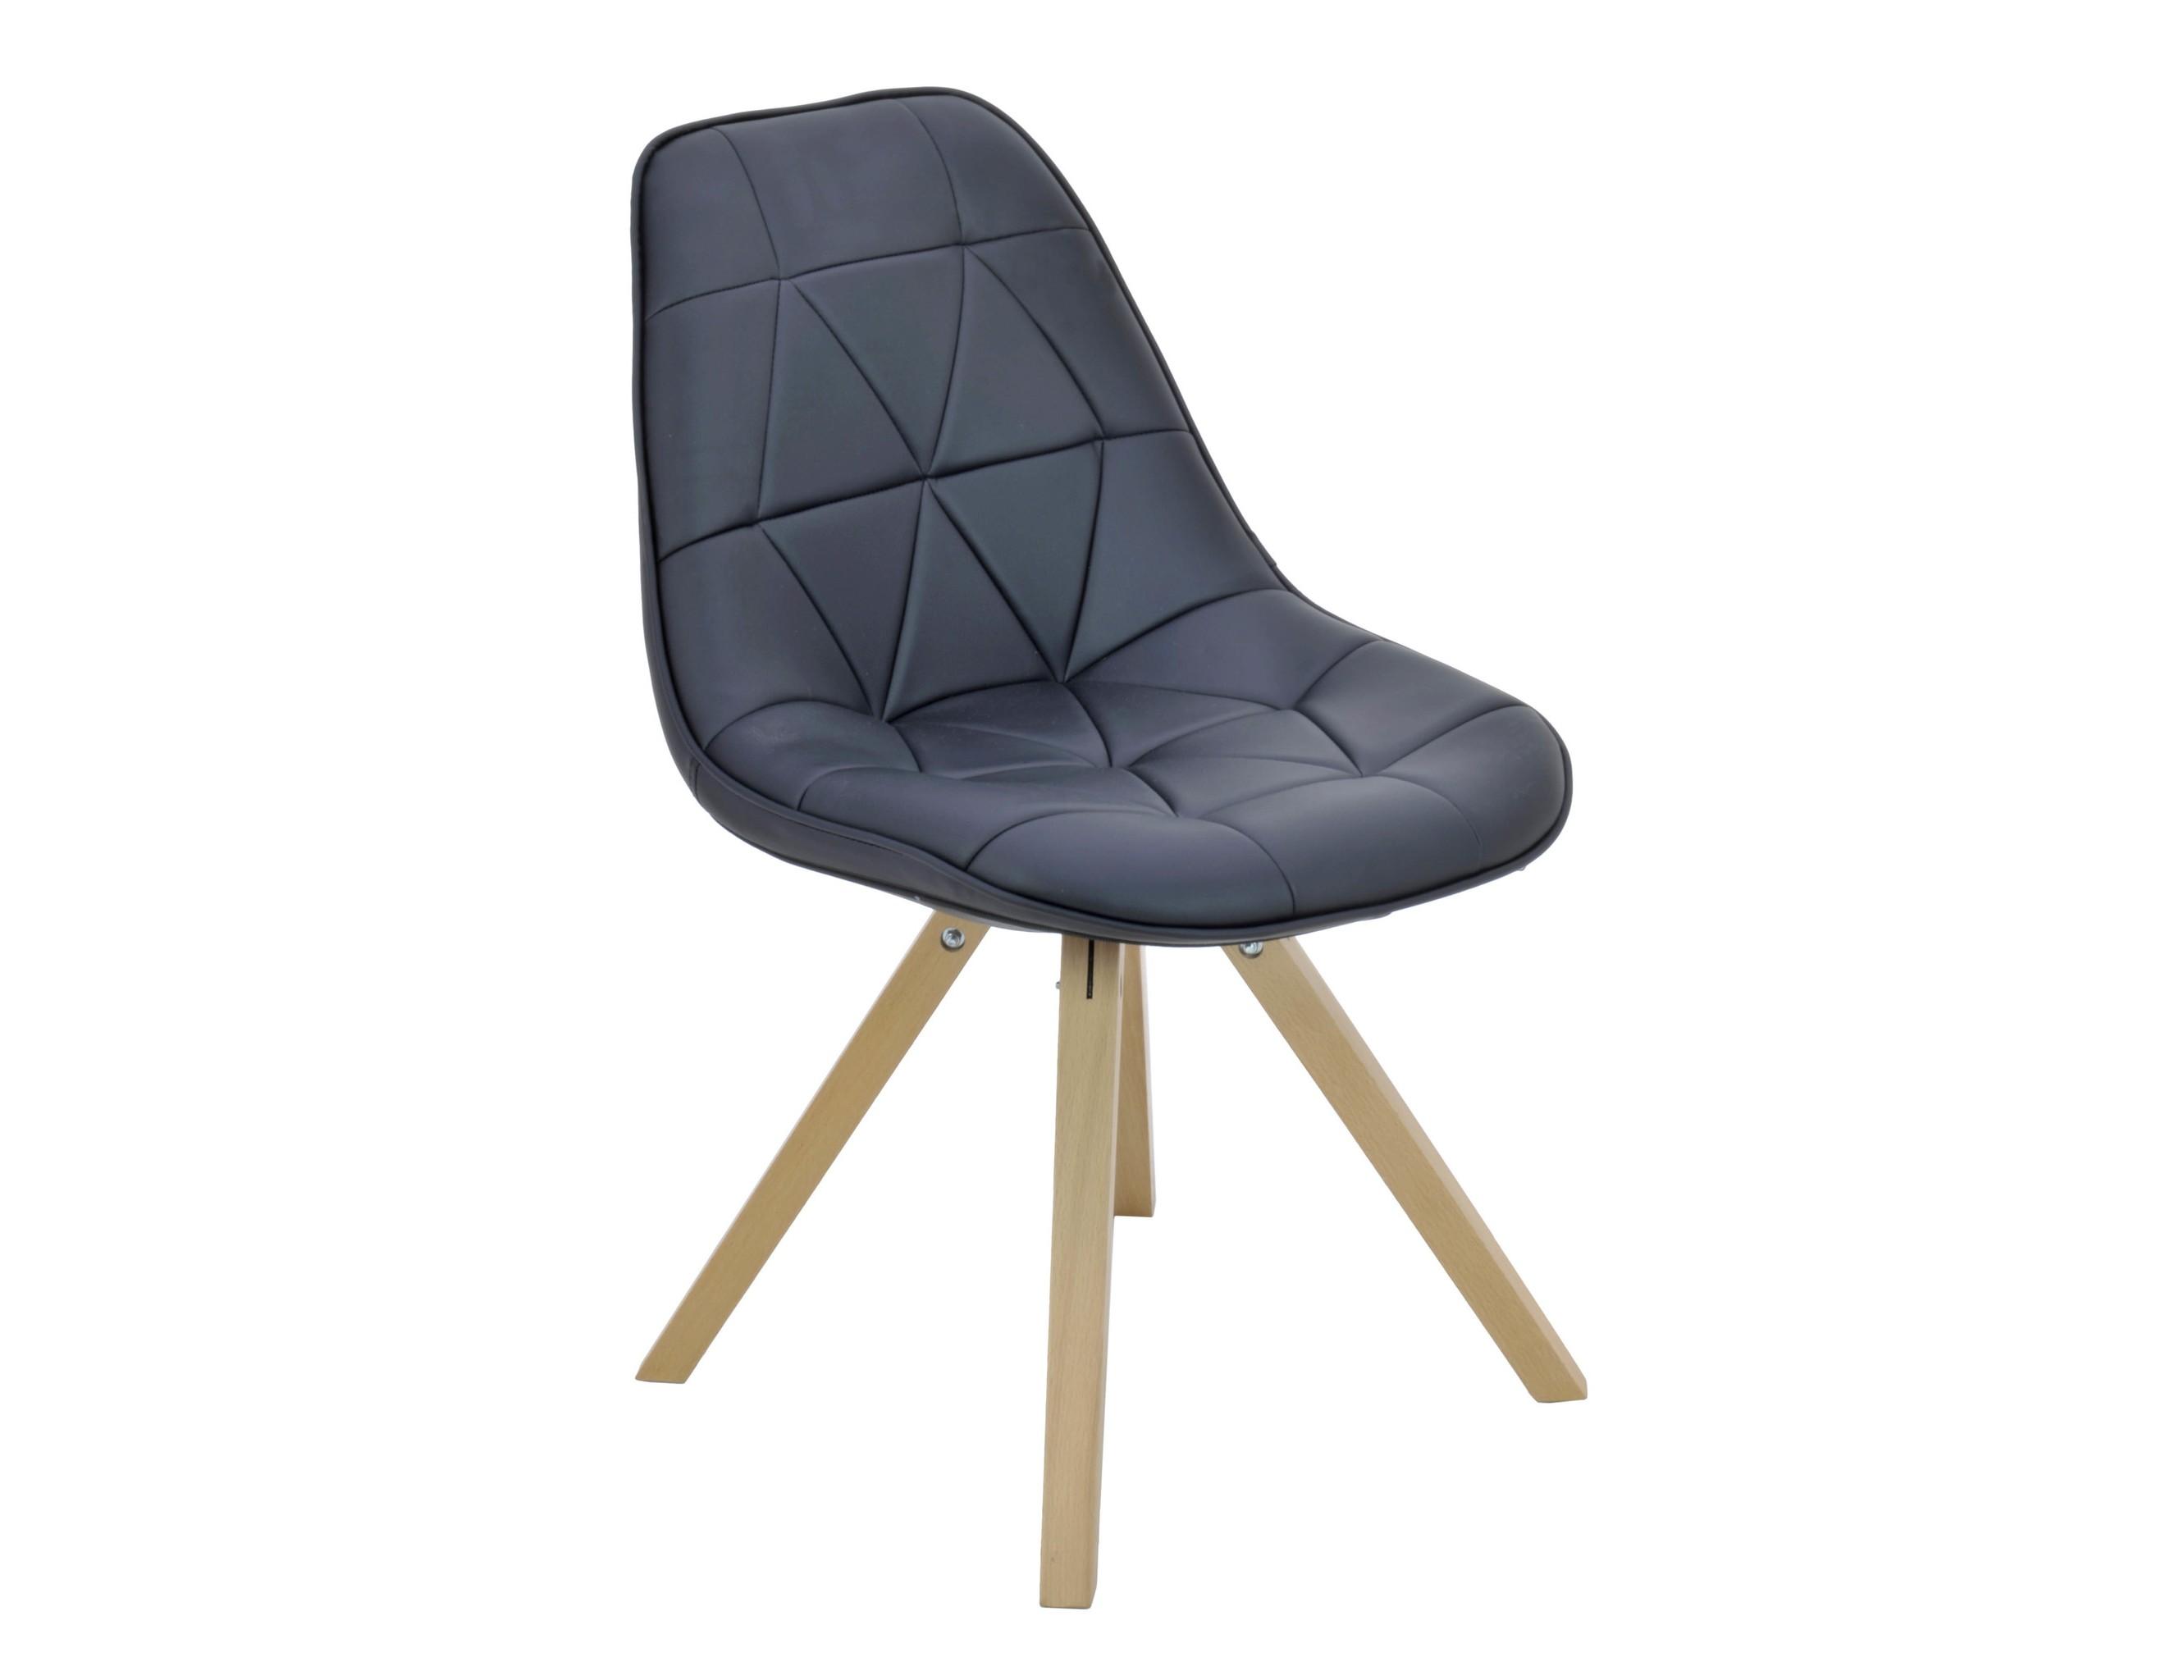 Стул MoudrigaОбеденные стулья<br>Материал: дерево, экокожа<br><br>Material: Экокожа<br>Ширина см: 52<br>Высота см: 84<br>Глубина см: 41